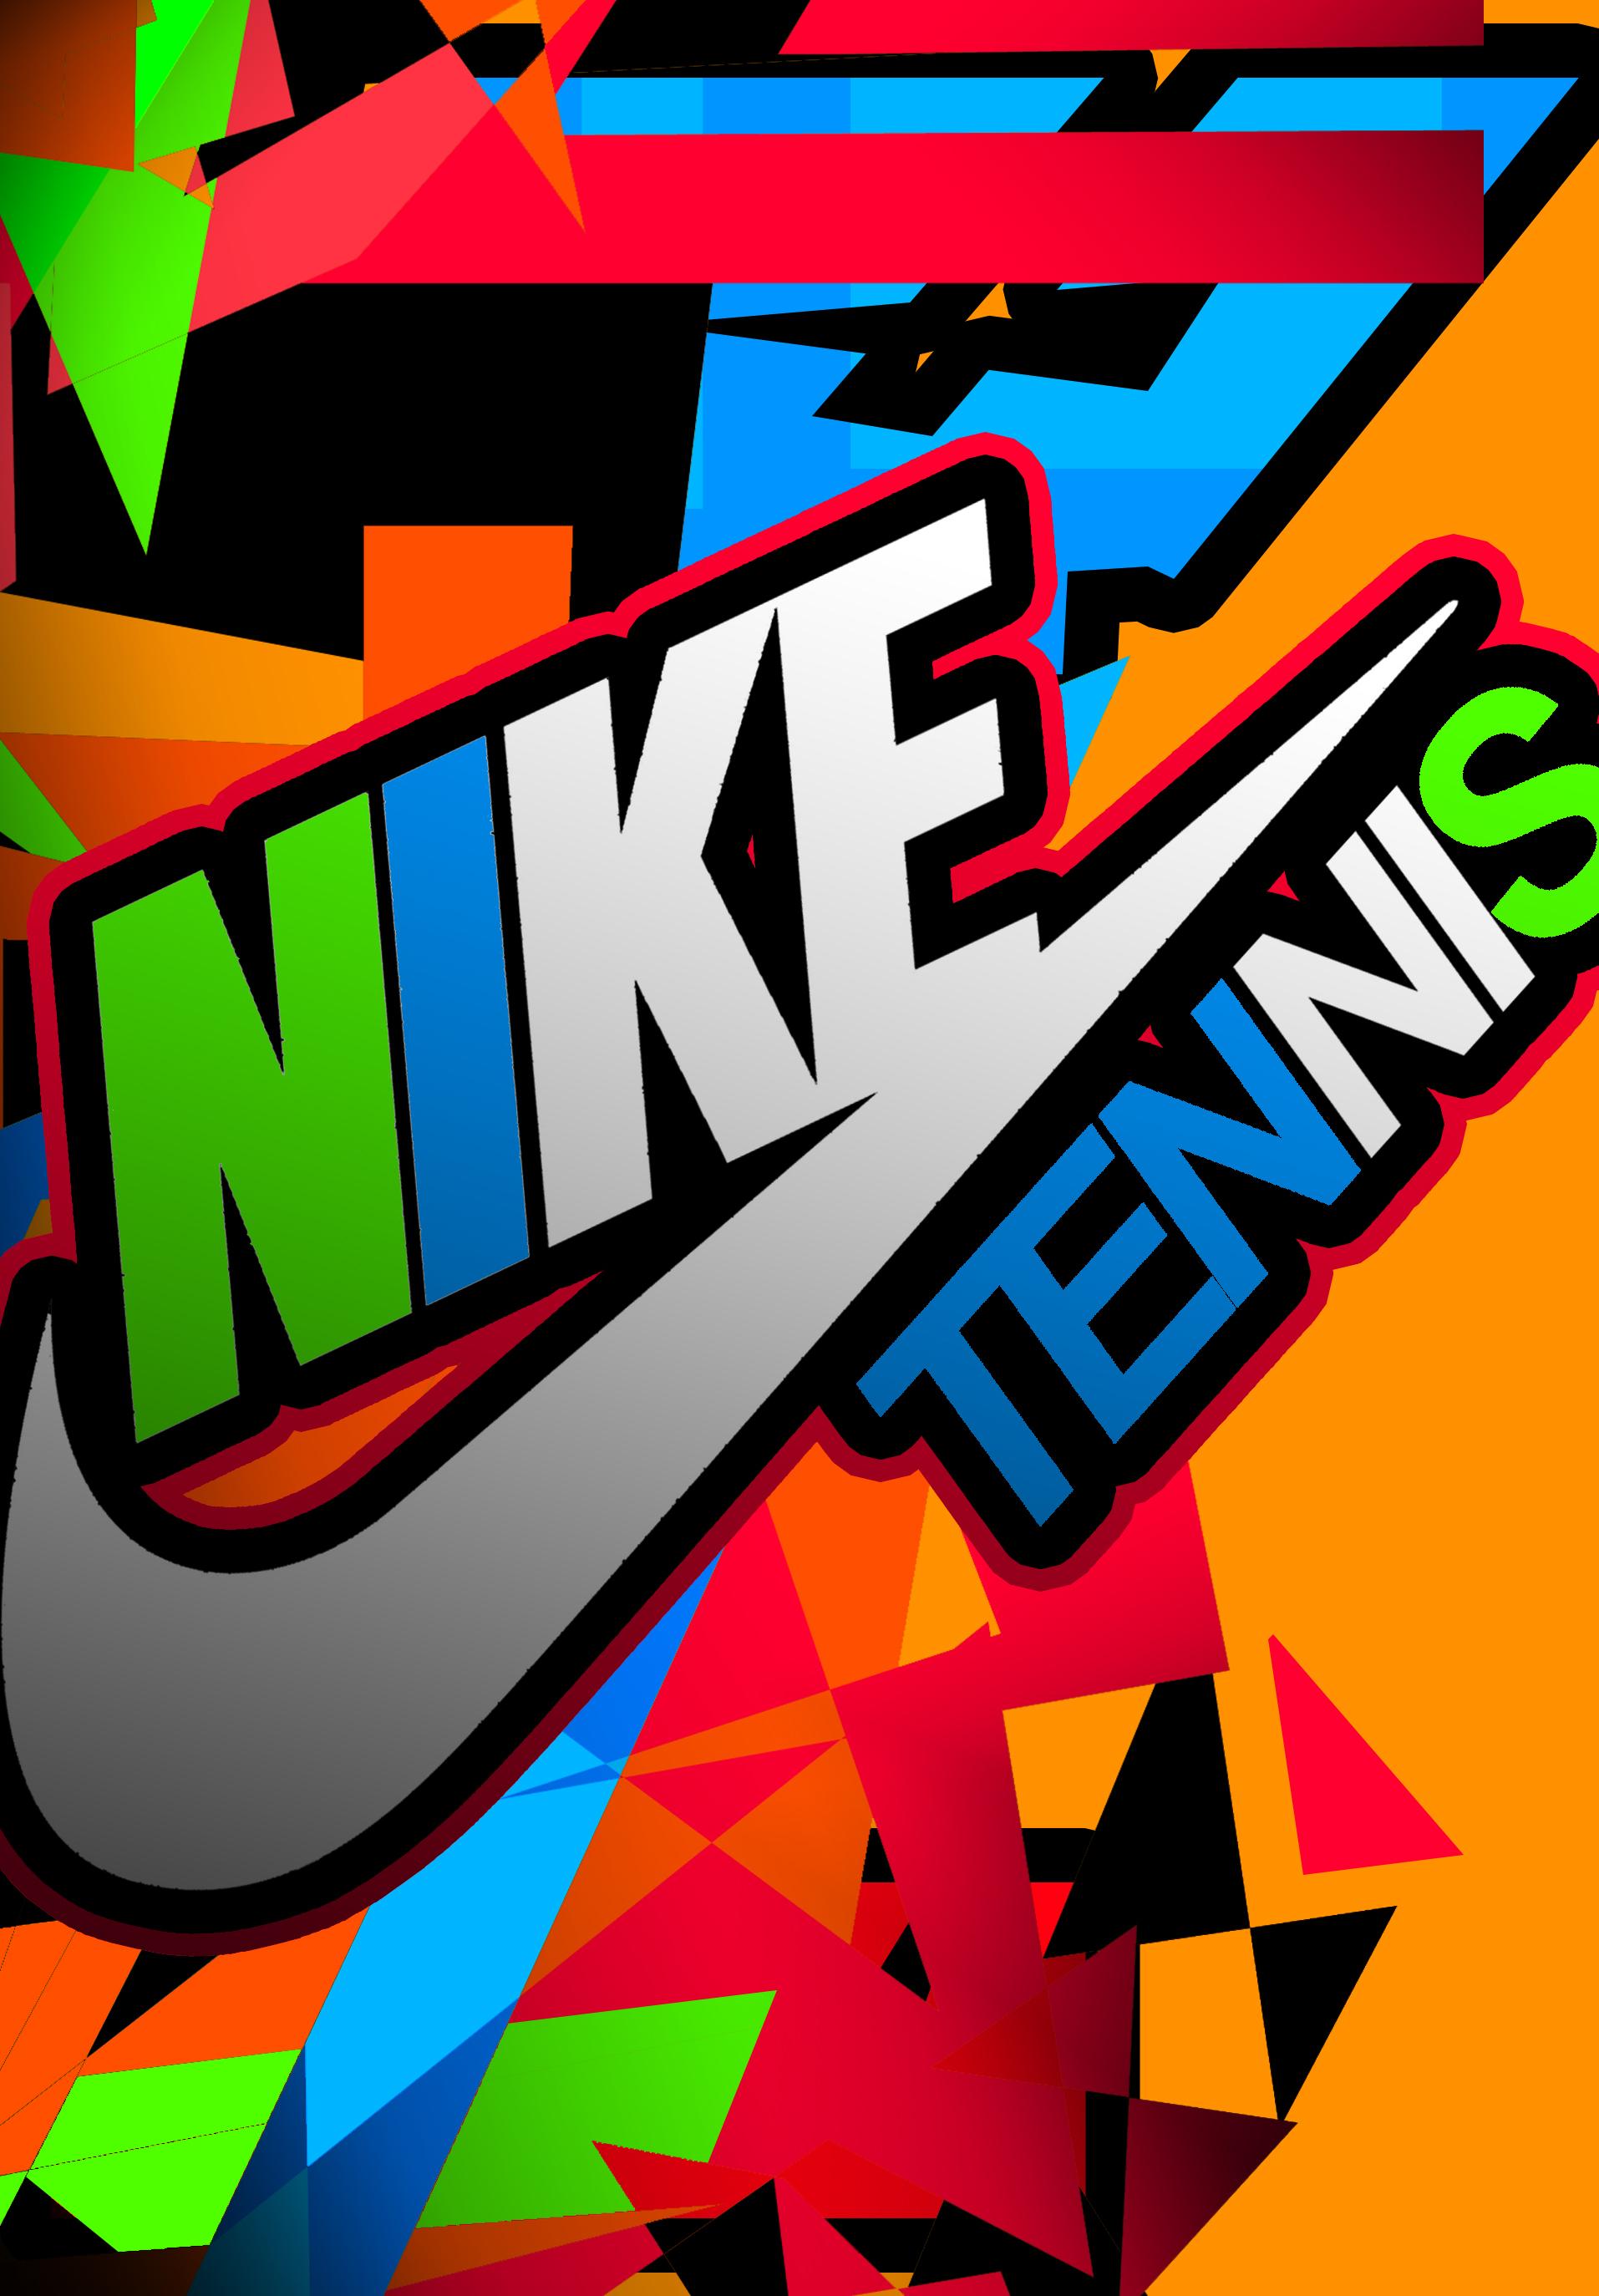 Logo nike wallpaper wallpapersafari - Nike Tennis Wallpaper By Thenakedgun52 Customization Wallpaper Iphone